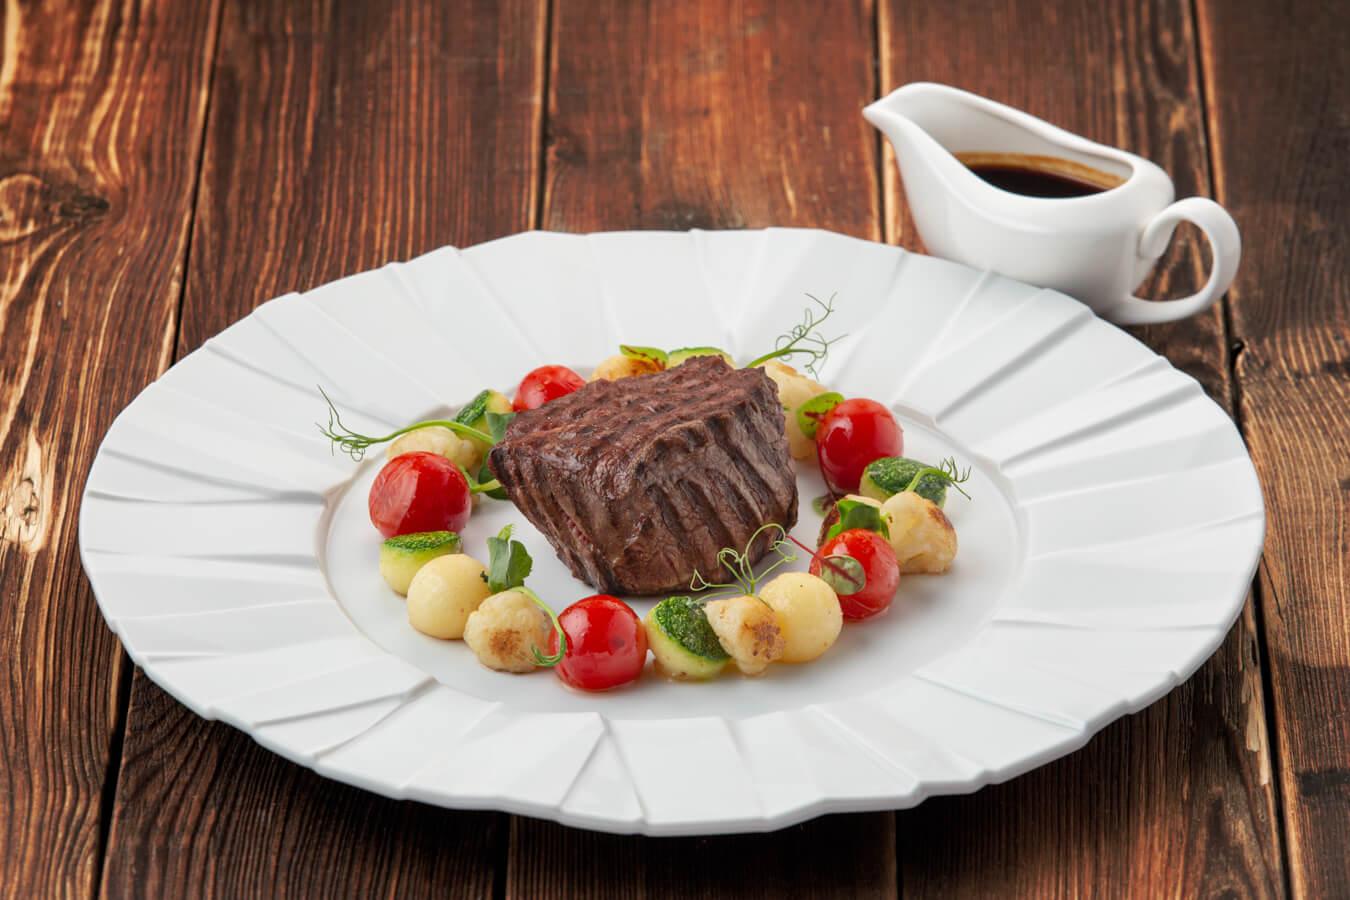 Филе говядины с картофелем, цуккини и цветной капустой